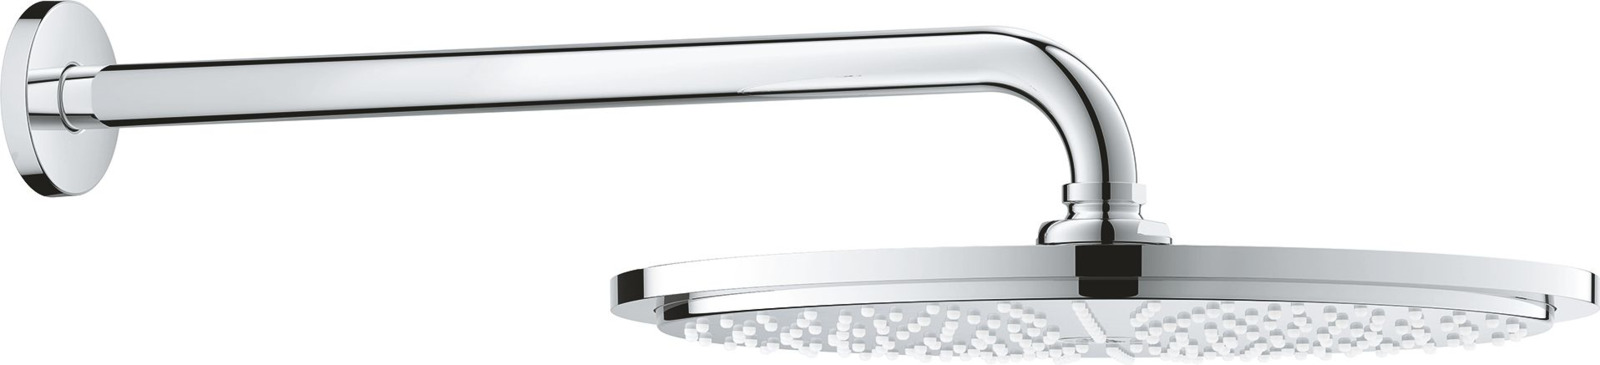 все цены на Душевой комплект Grohe Rainshower Верхний душ, 31 см + Душевой кронштейн, 26066000, серебристый онлайн